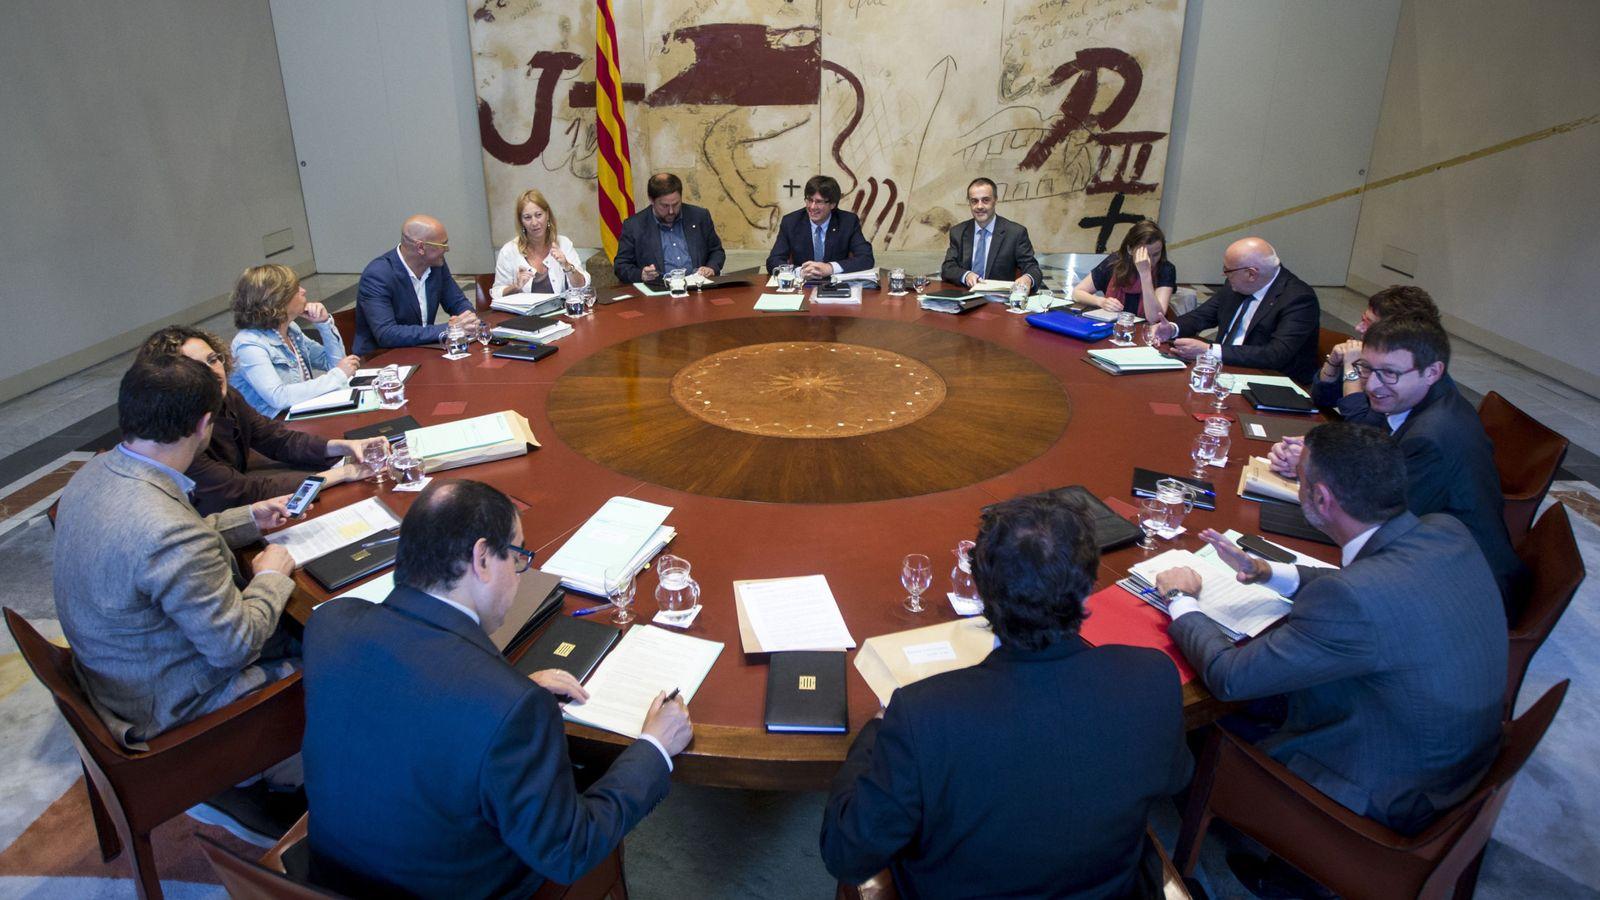 Foto: El presidente de la Generalitat de Catalunya, Carles Puigdemont (c), junto a todo el equipo de Gobierno. (EFE)